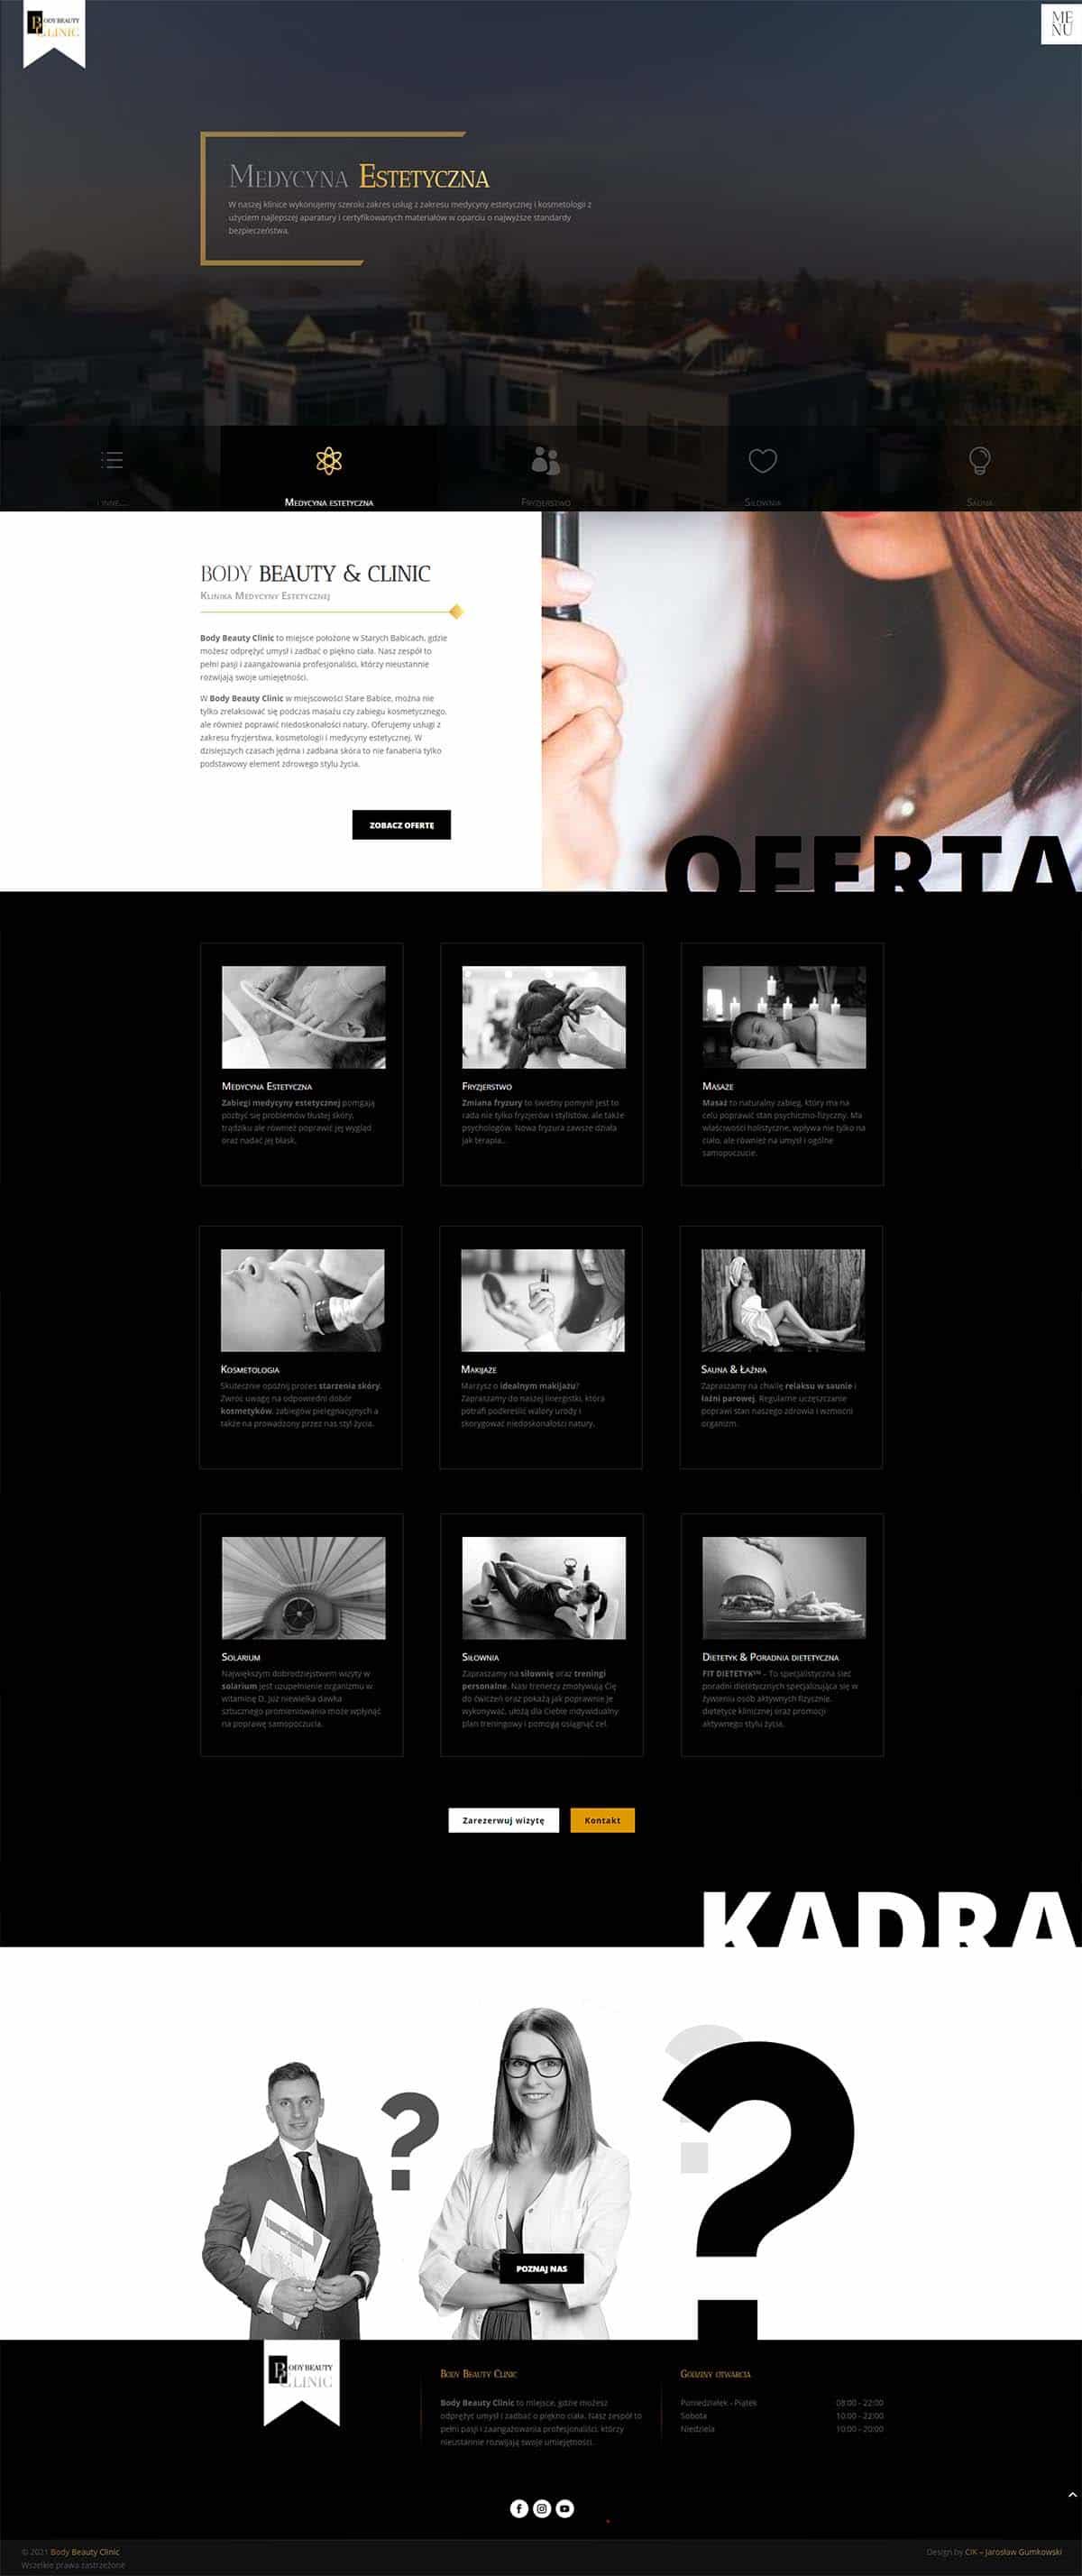 Strona internetowa - Klinika medycyny estetycznej